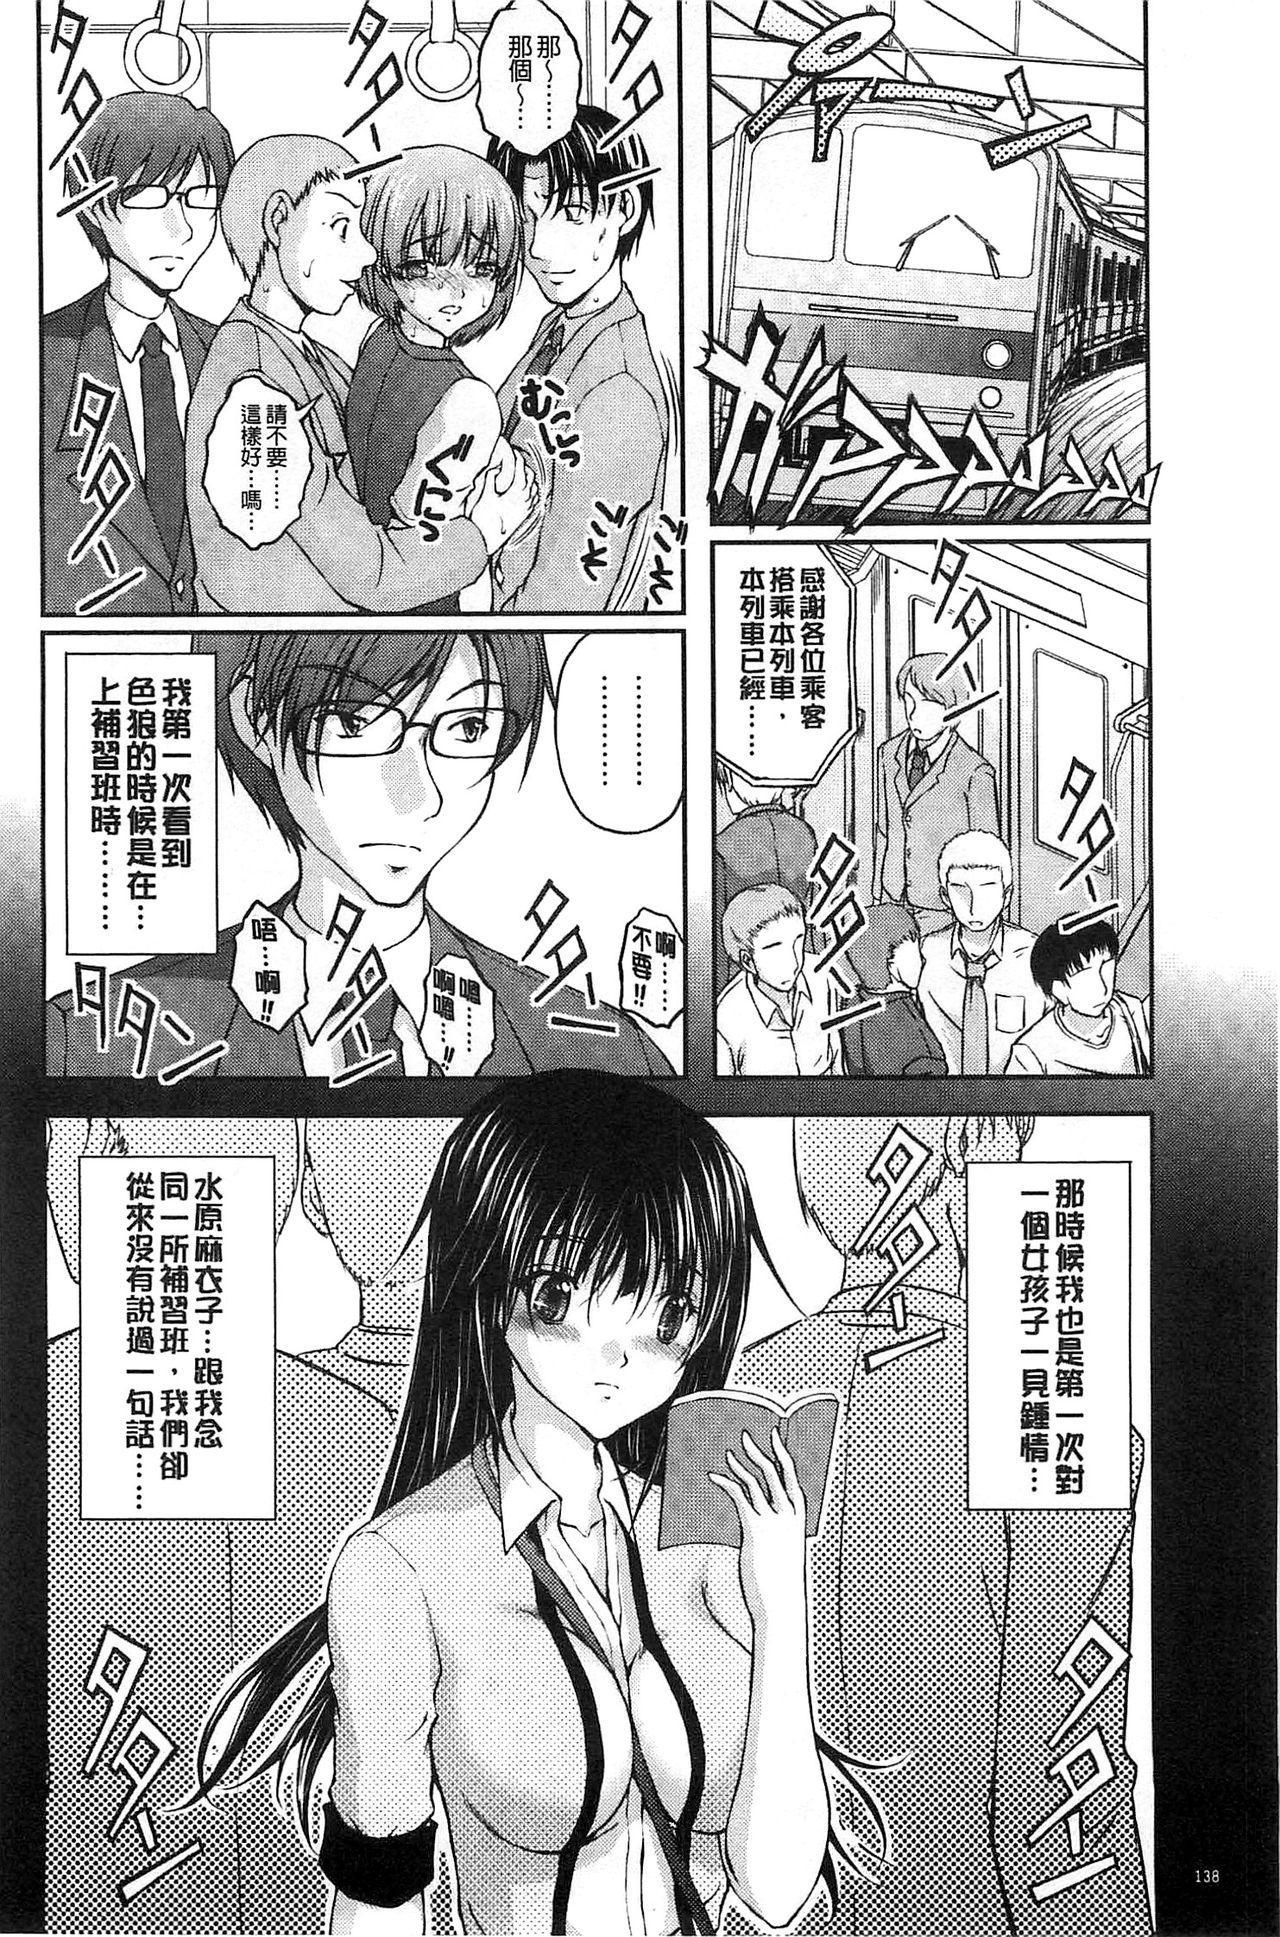 Tokumei Chikan Otori Sousahan | 特命痴漢誘捕的搜查班 148